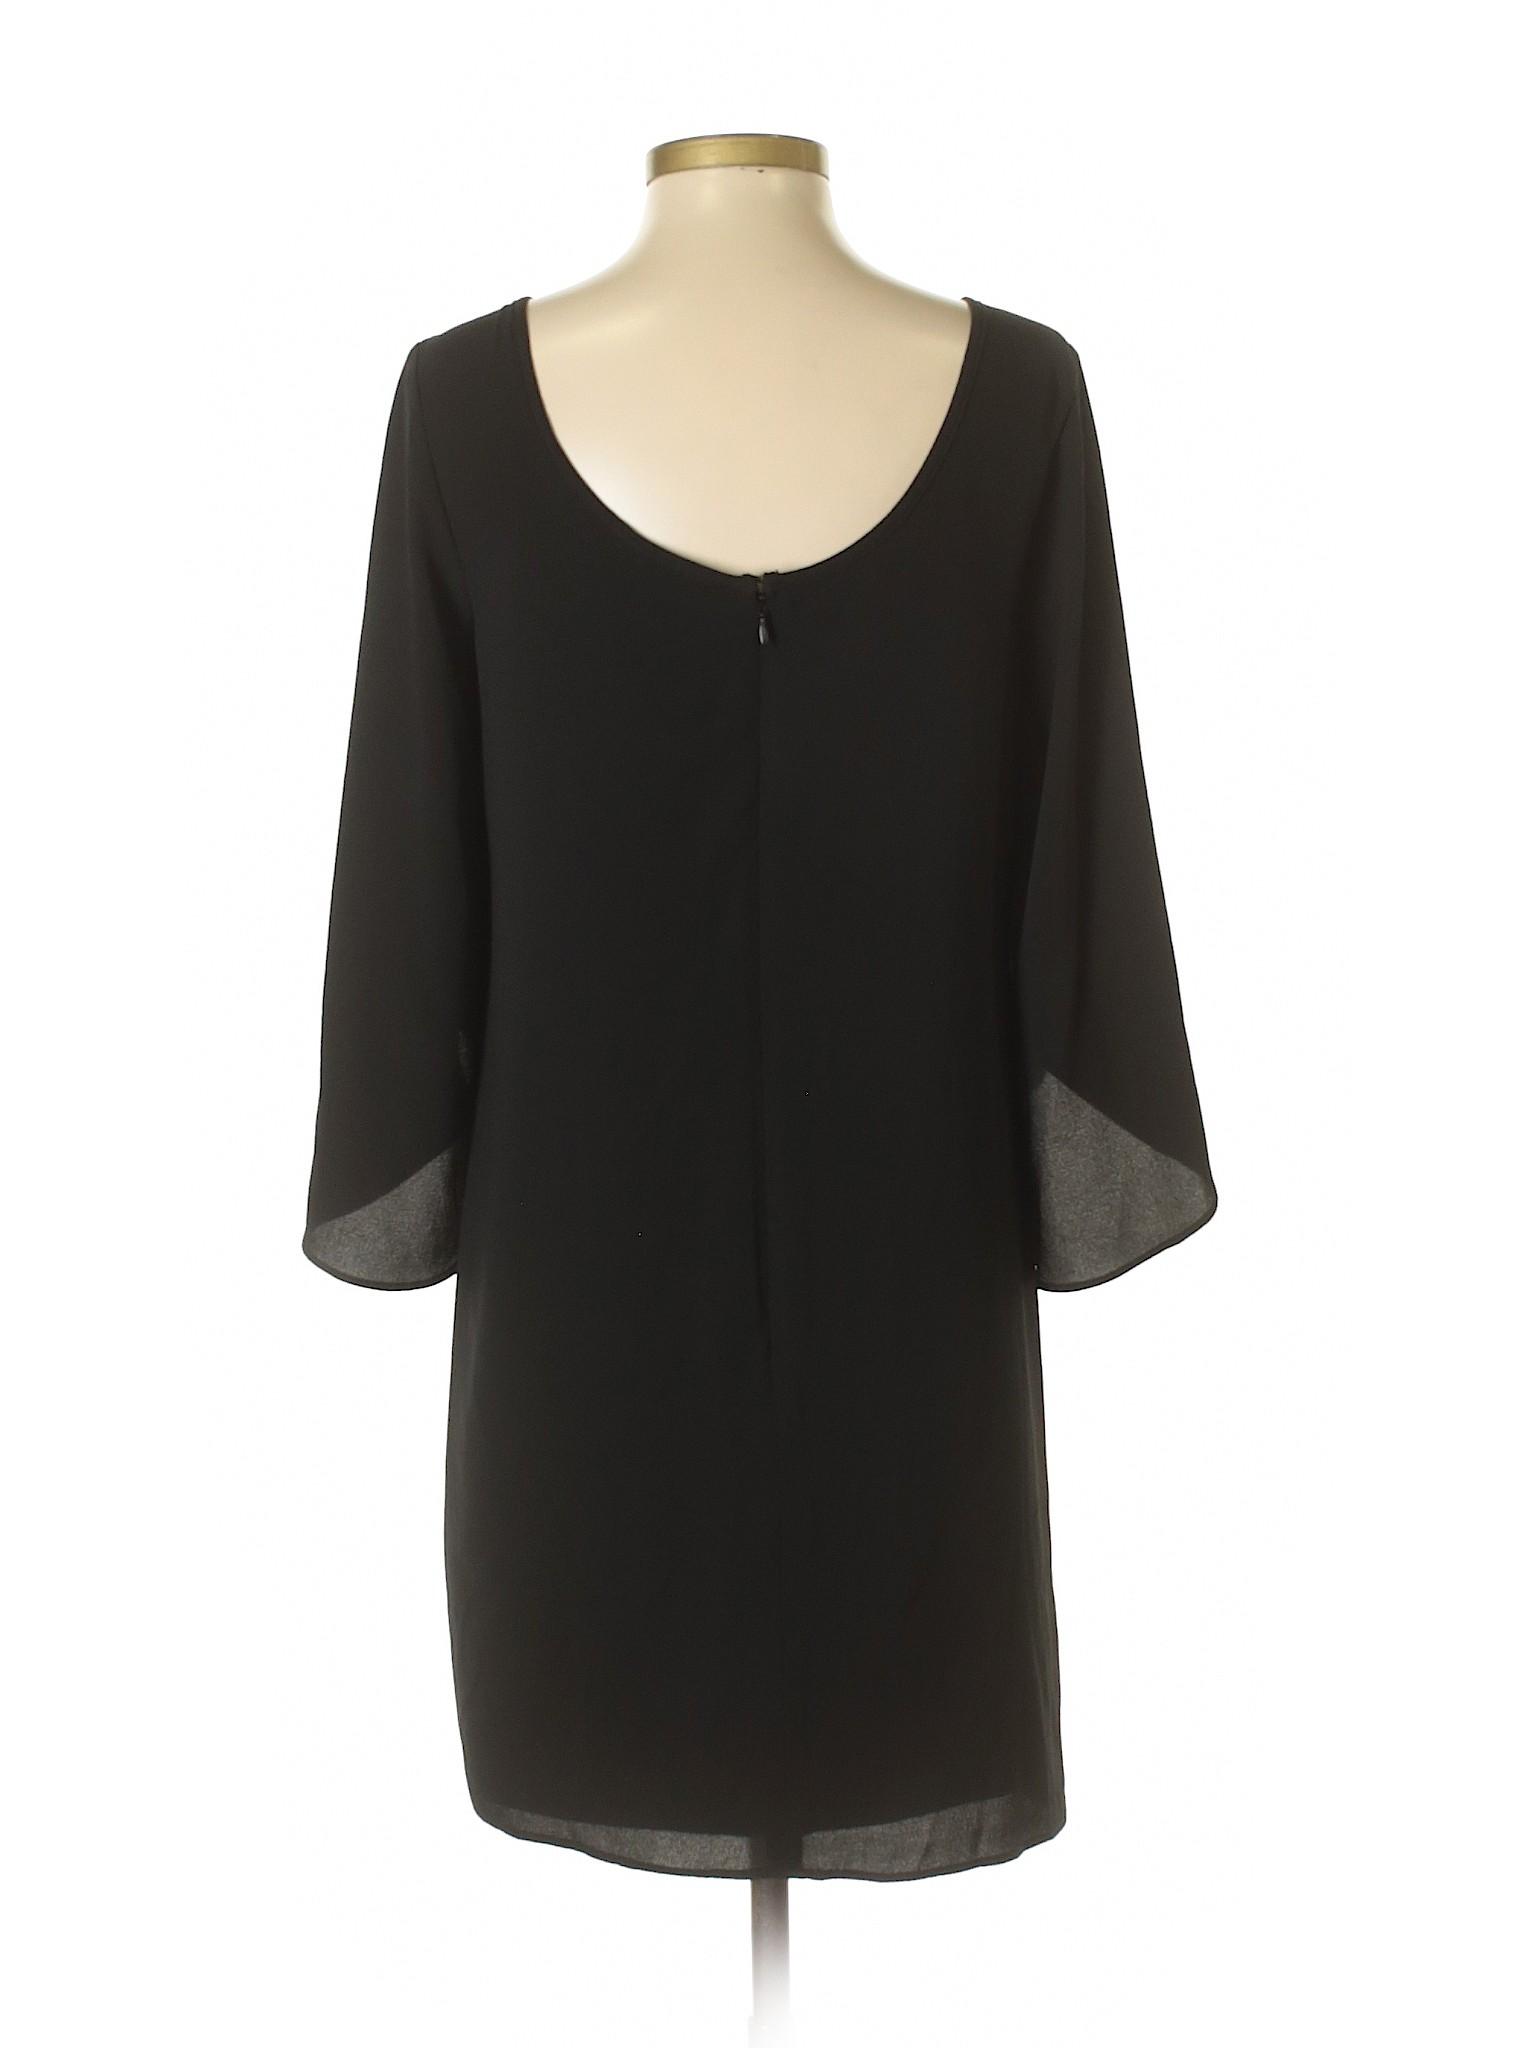 Dress Dress Maurices Selling Maurices Selling Casual Casual TqxS5w05Z